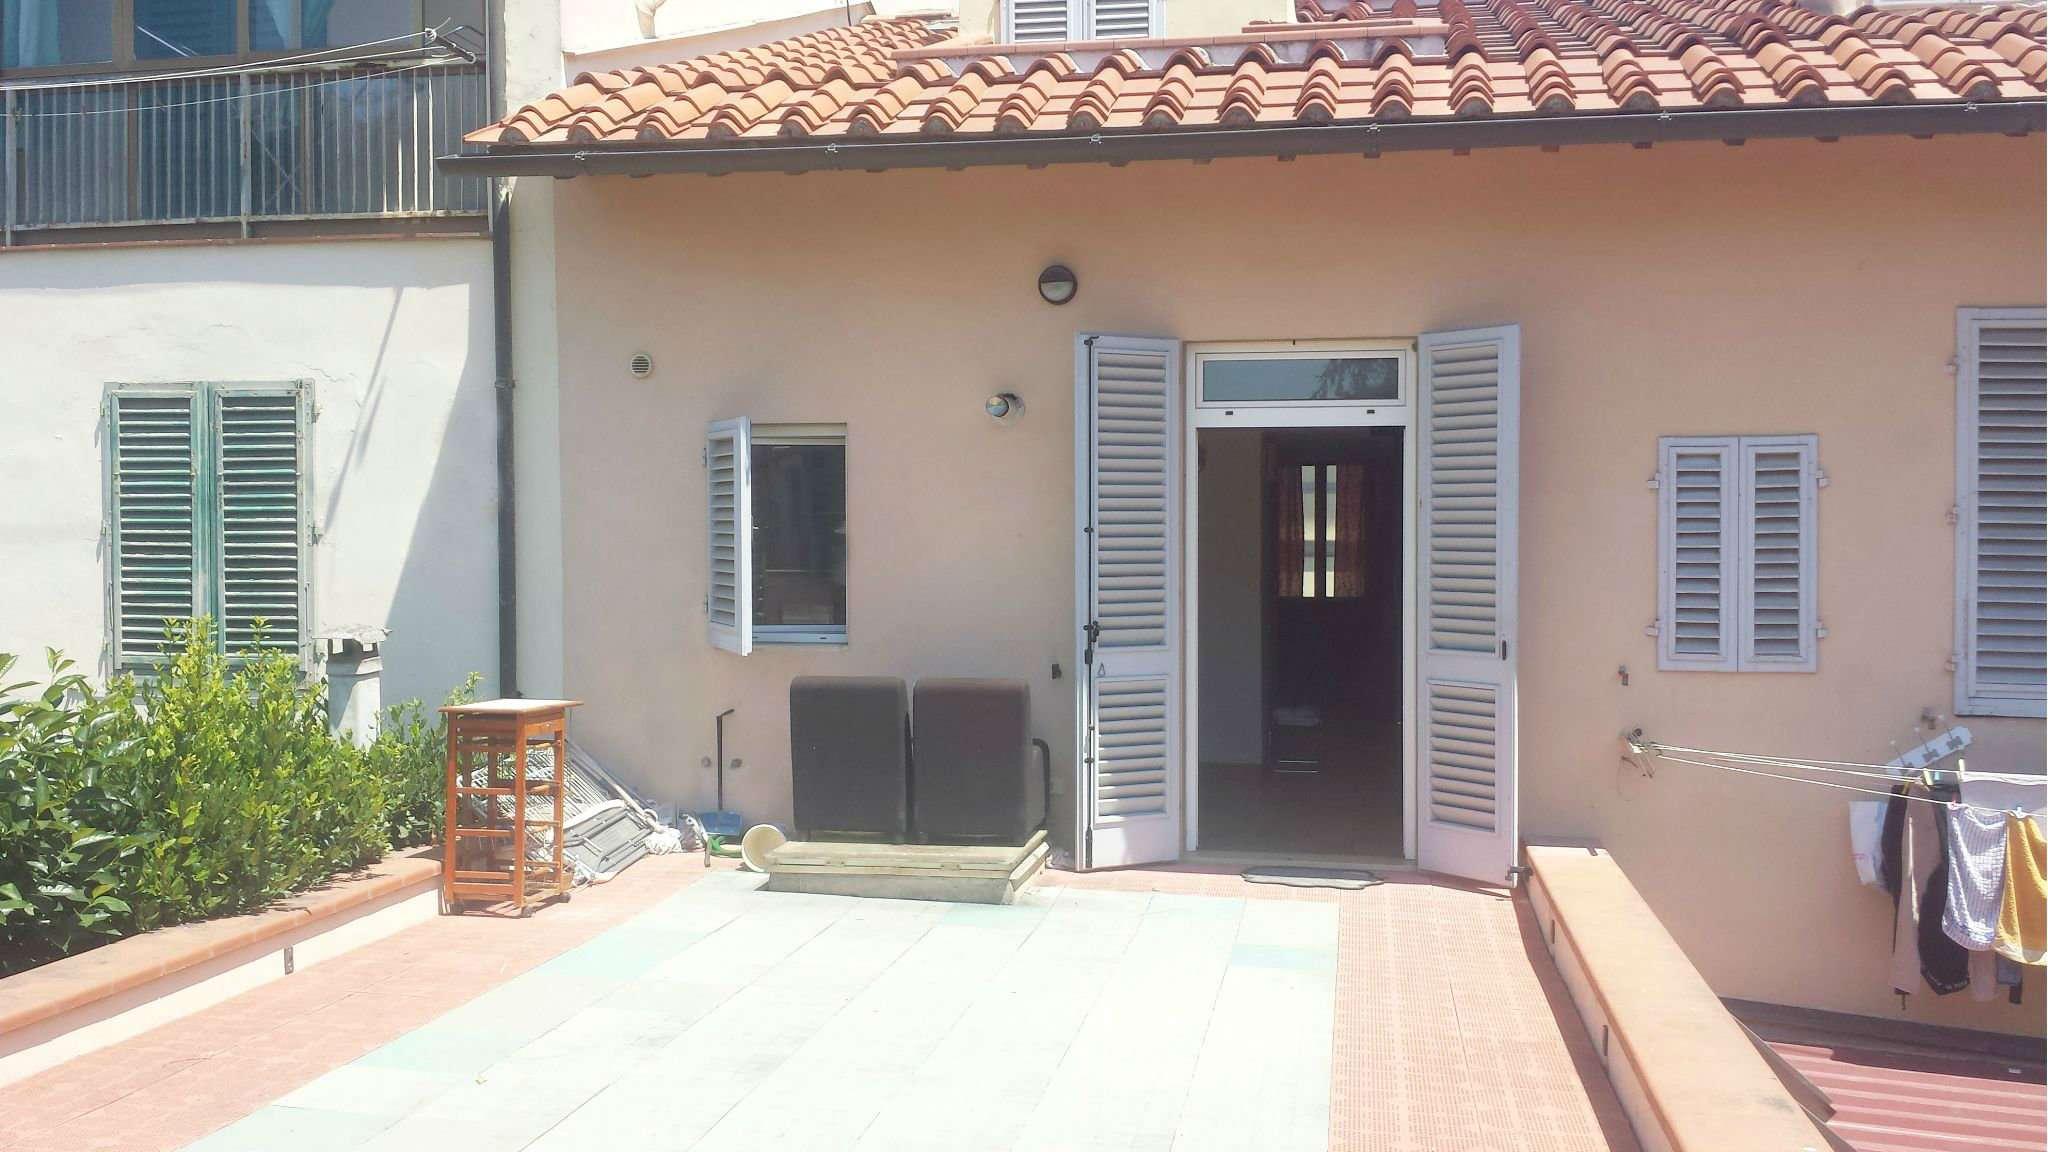 Palazzo / Stabile in affitto a Sesto Fiorentino, 3 locali, prezzo € 780 | CambioCasa.it